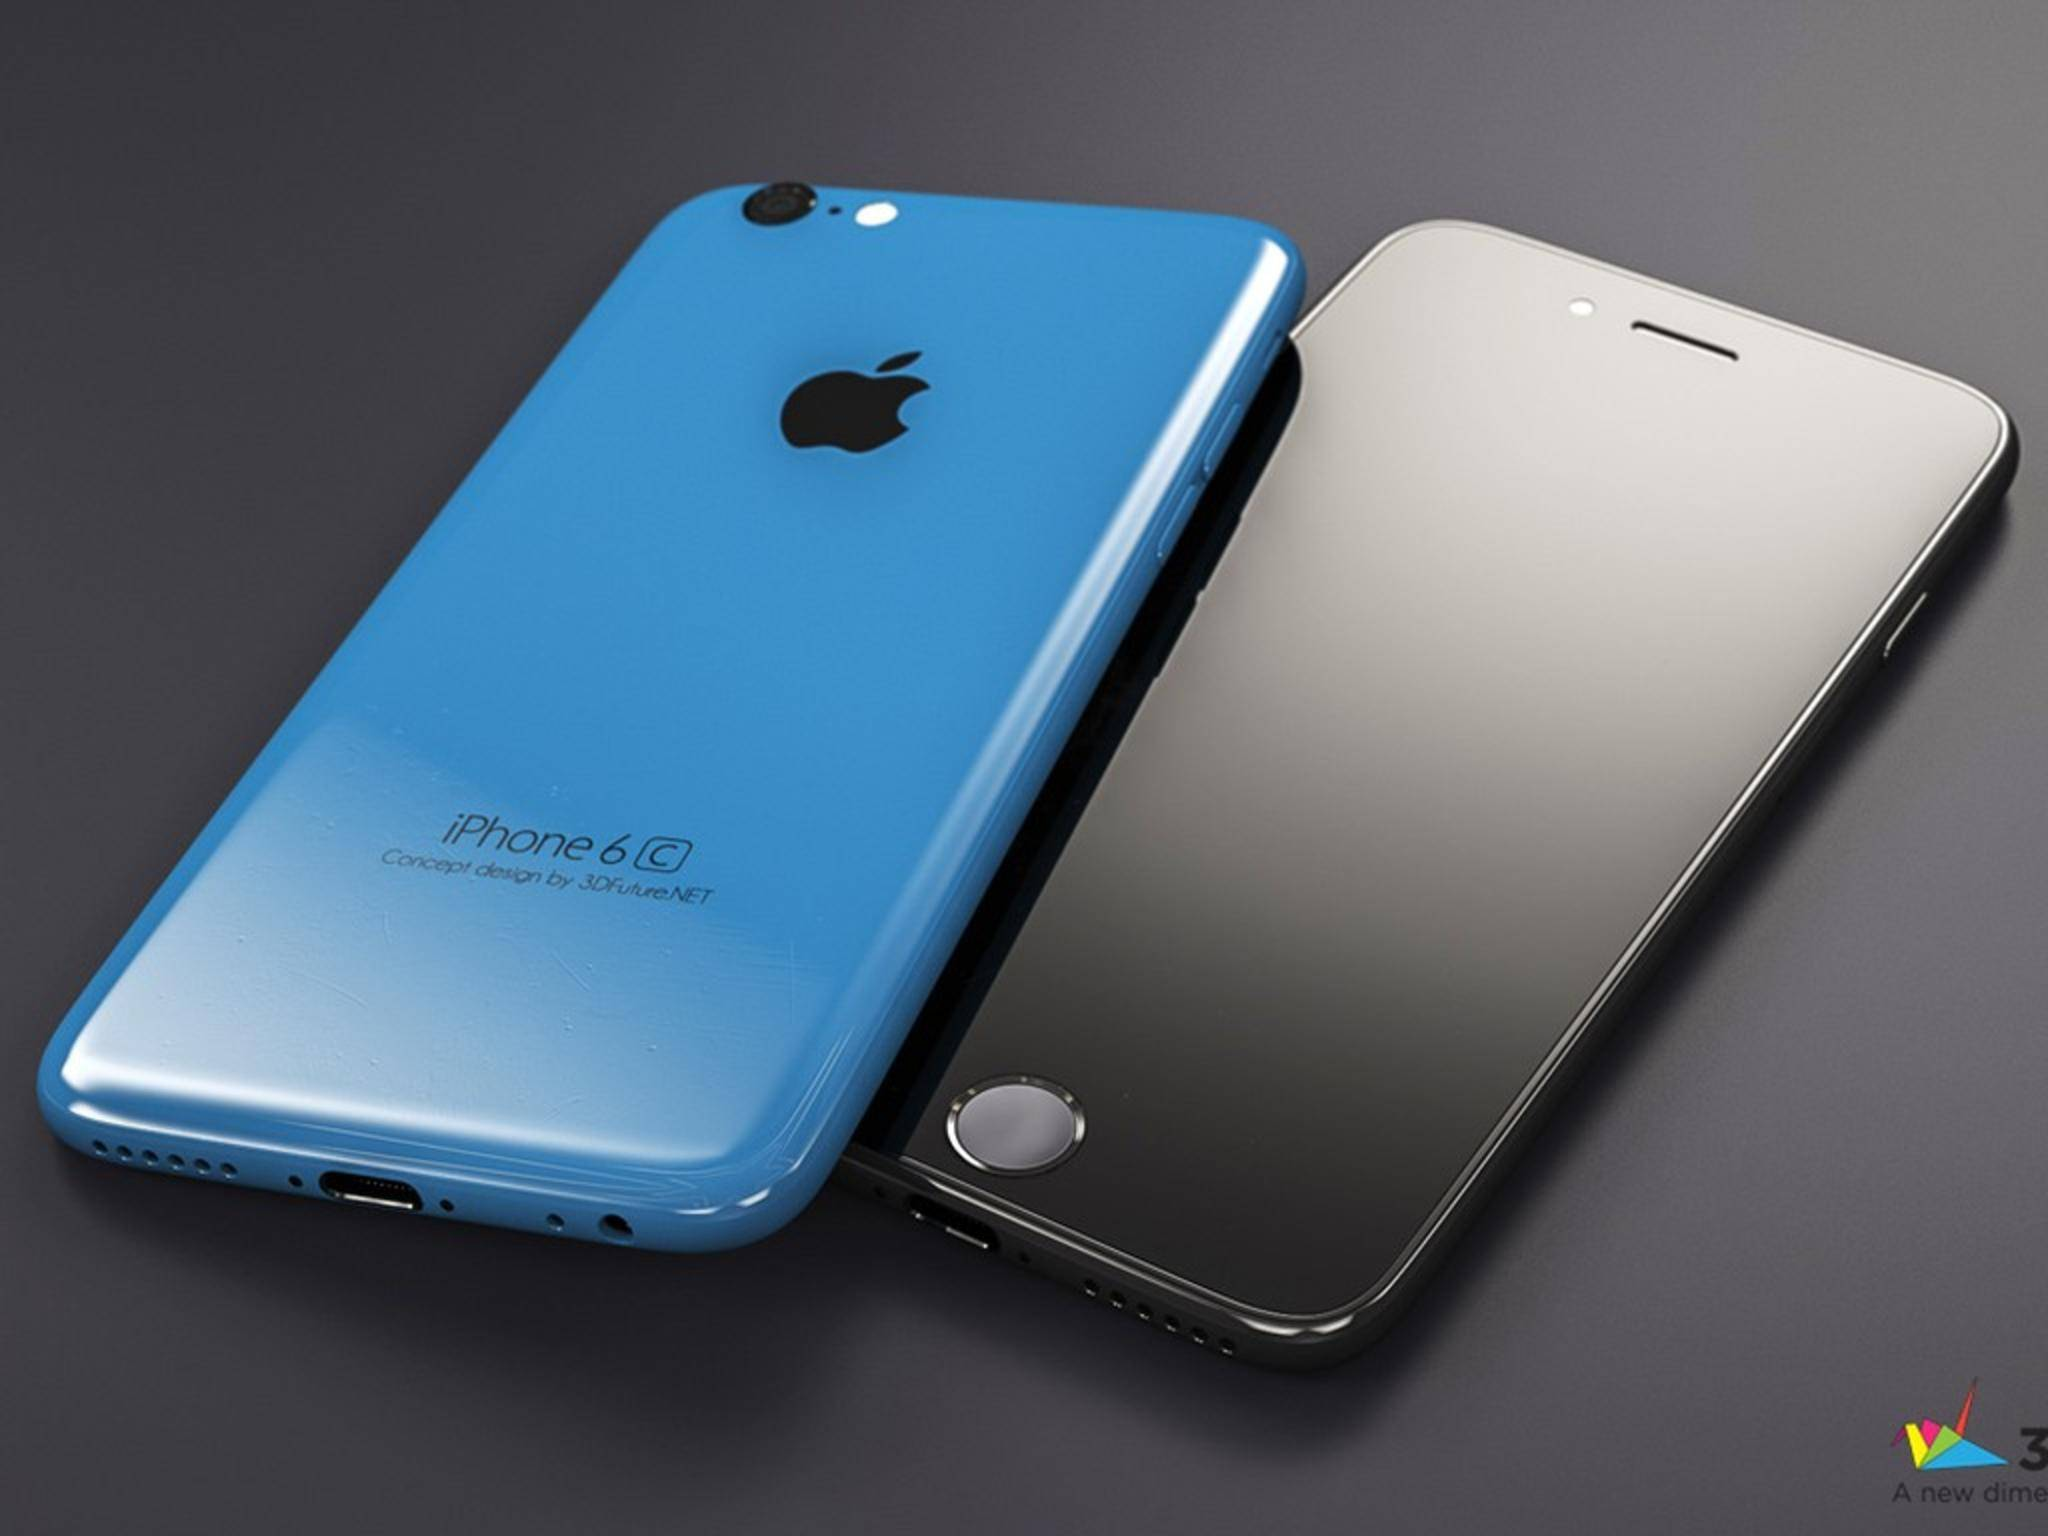 Bringt Apple ein iPhone 6c heraus, könnte es etwa so aussehen.